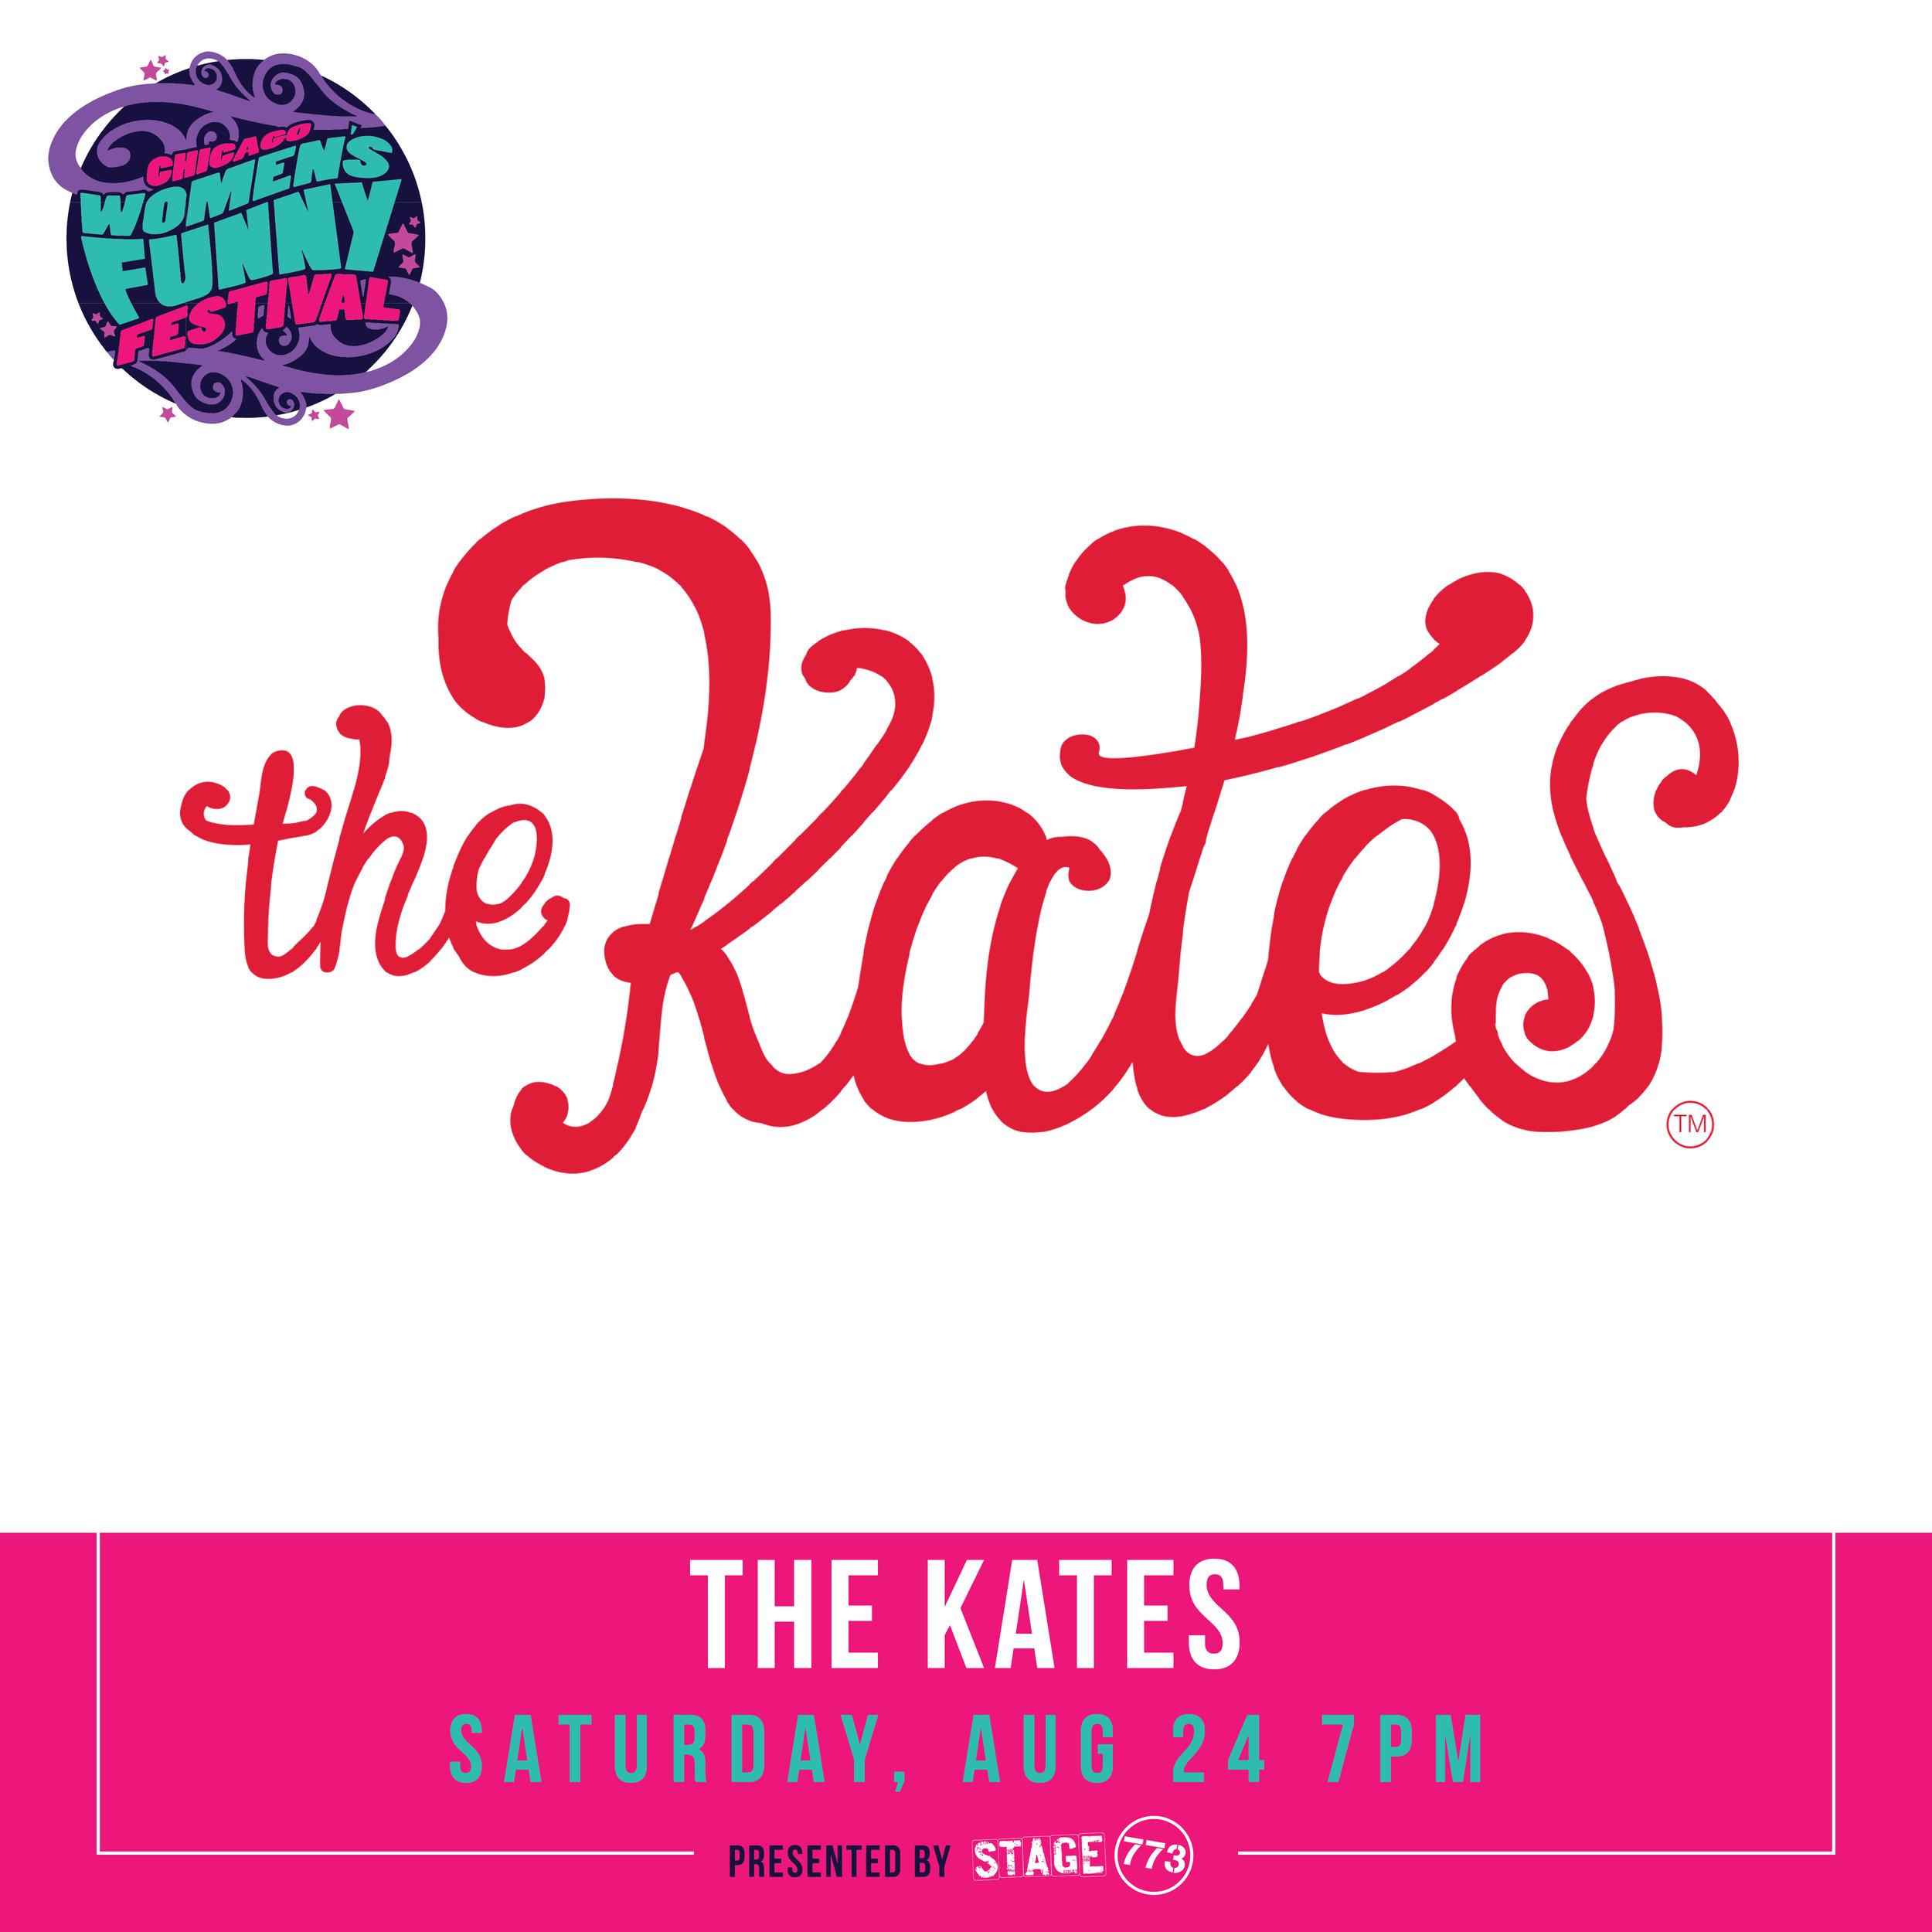 TheKates_Saturday_7PM_CWFF2019.jpg